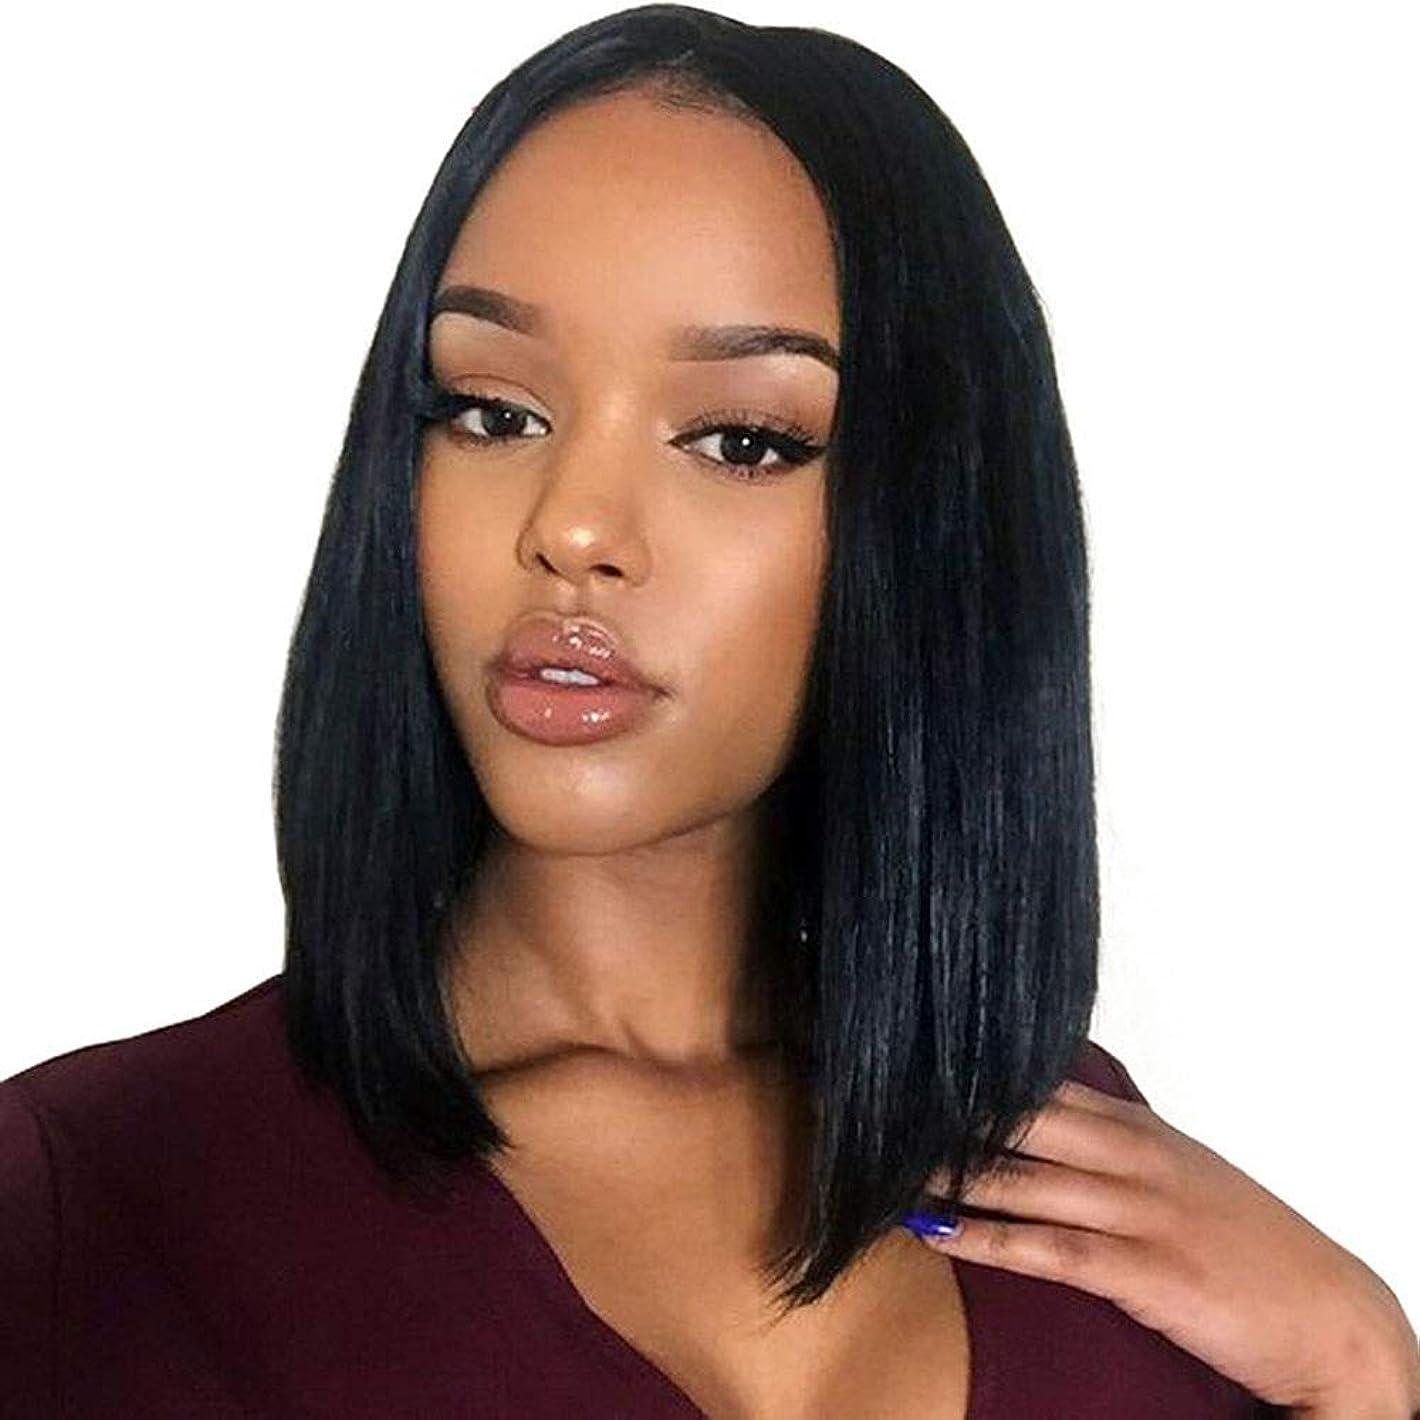 抽出容赦ない禁輸YOUQIU 女性サイドパートミディアムの長さのヘアウィッグウィッグ黒ナチュラルストレートボブの合成ウィッグ (色 : 黒)